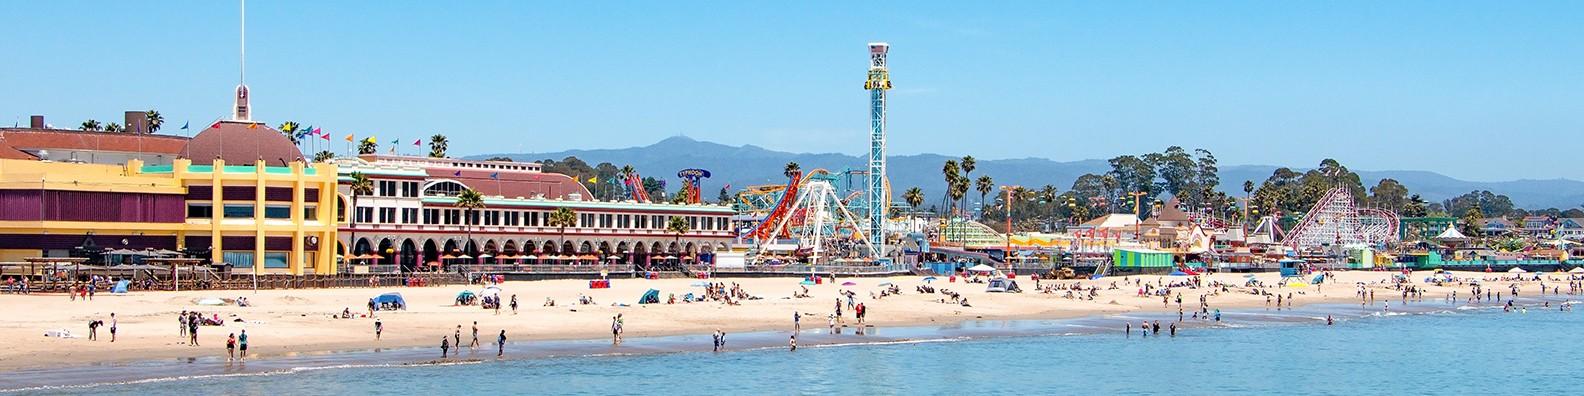 Santa Cruz Beach Boardwalk Linkedin